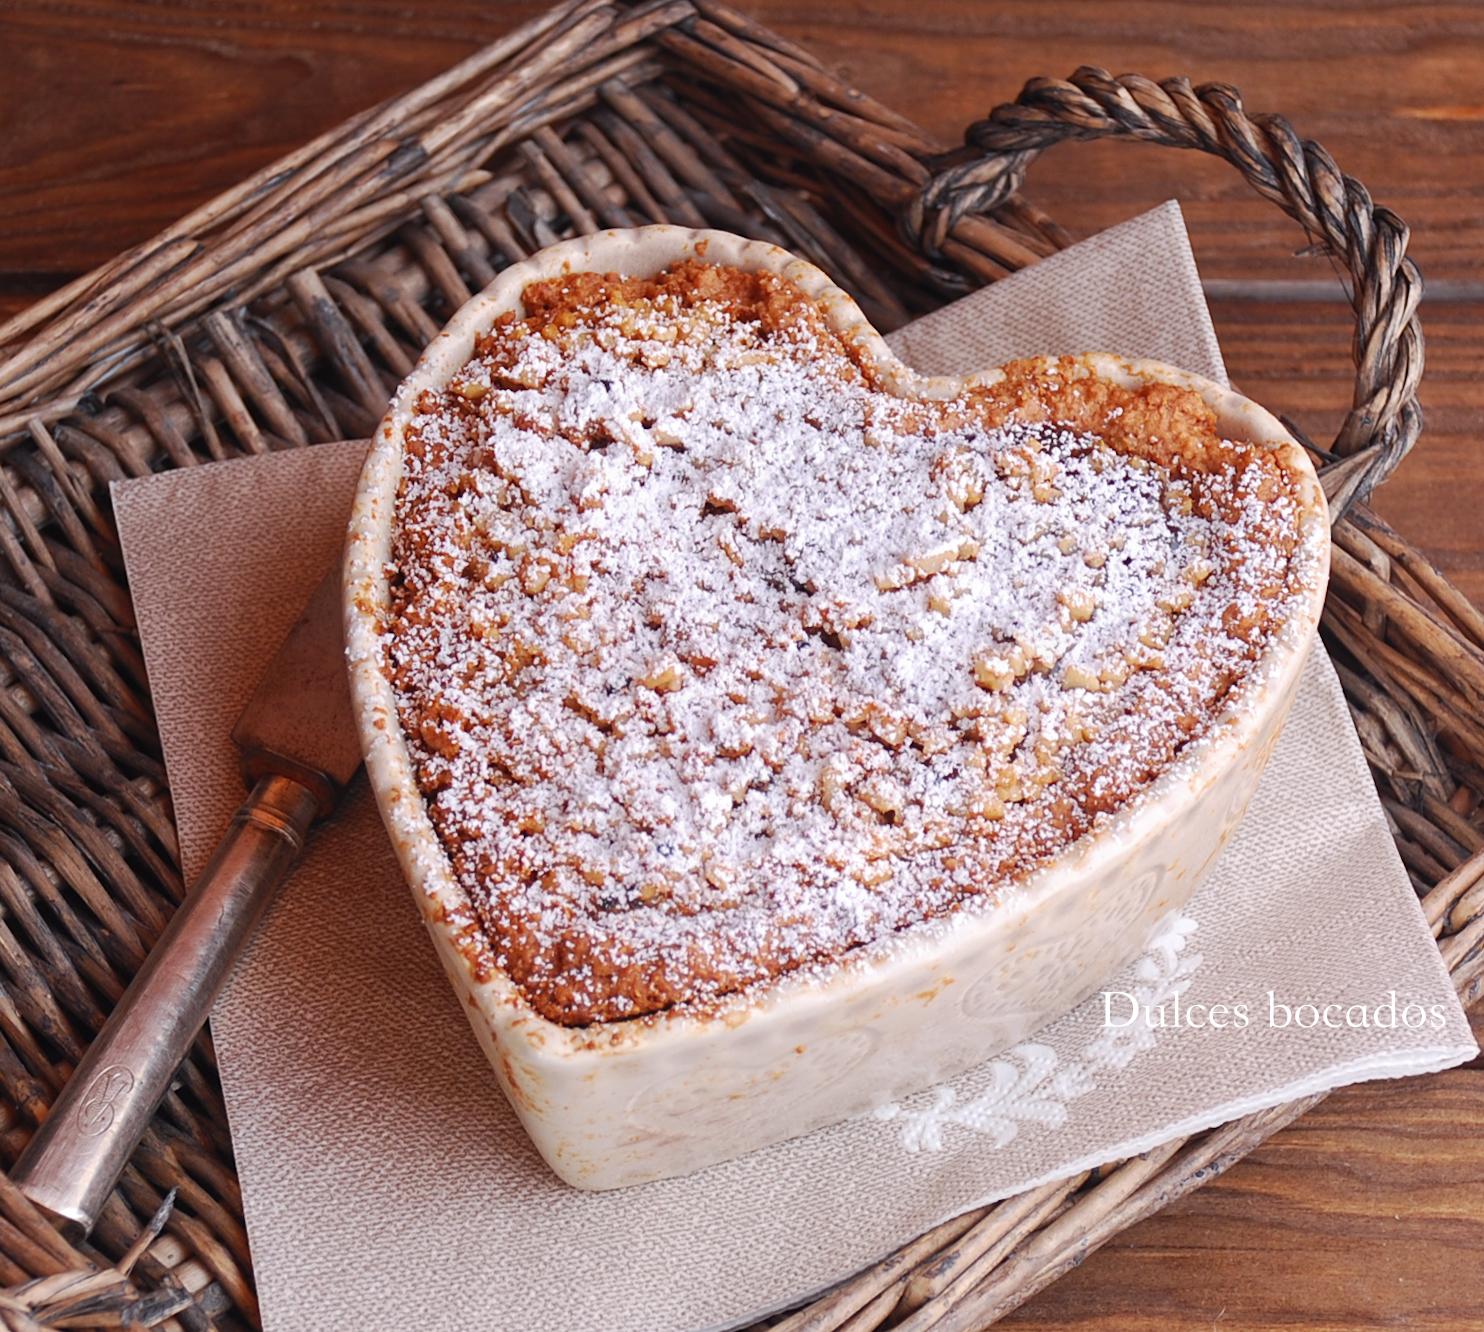 Crostata de chocolate y almendra - San Valentin - Dulces bocados